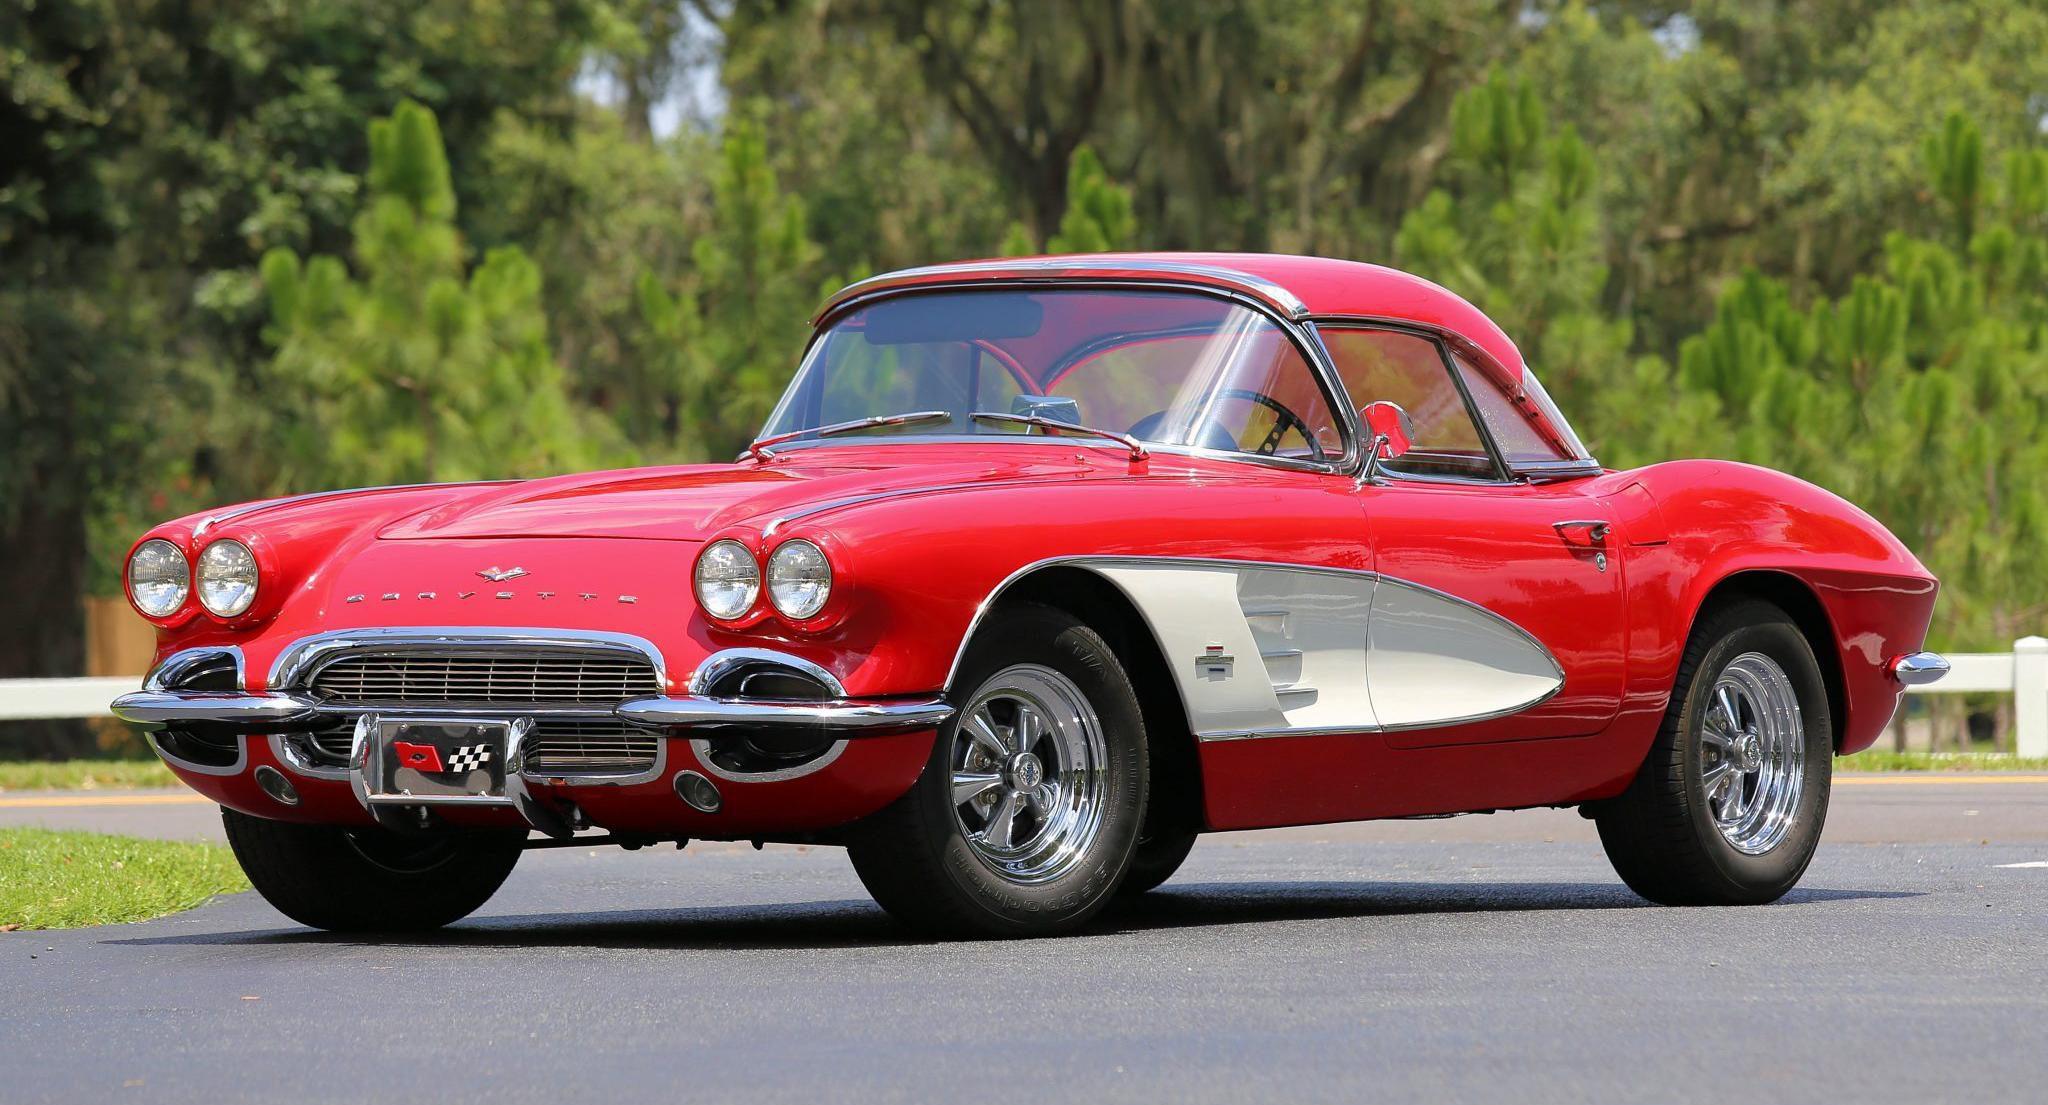 The 1961 Chevrolet Corvette